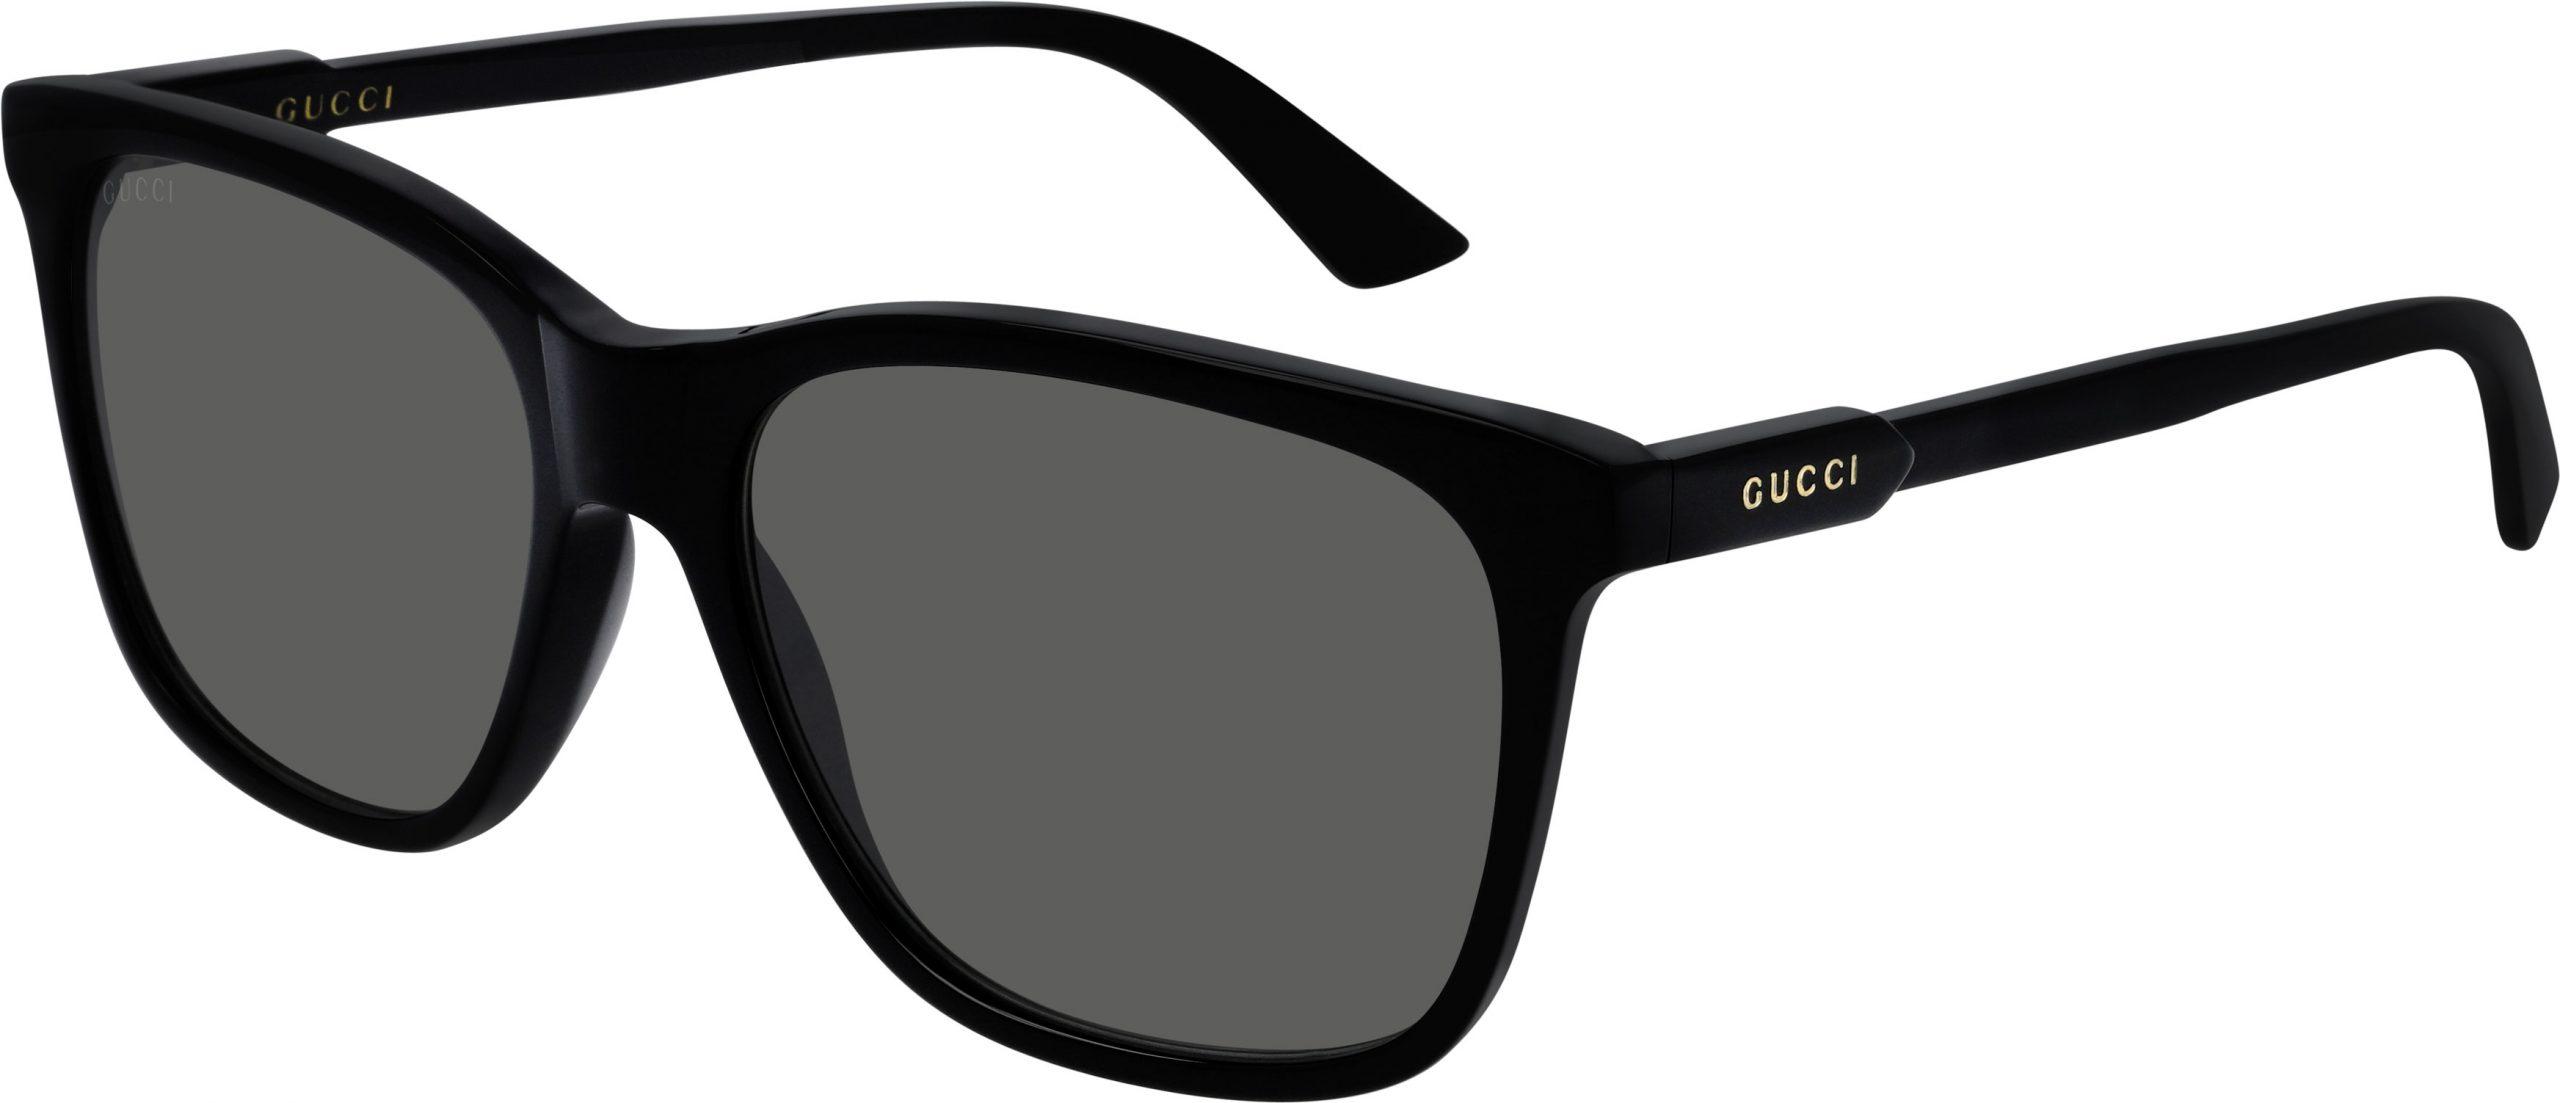 Gucci GG0495S-001-57   889652235677